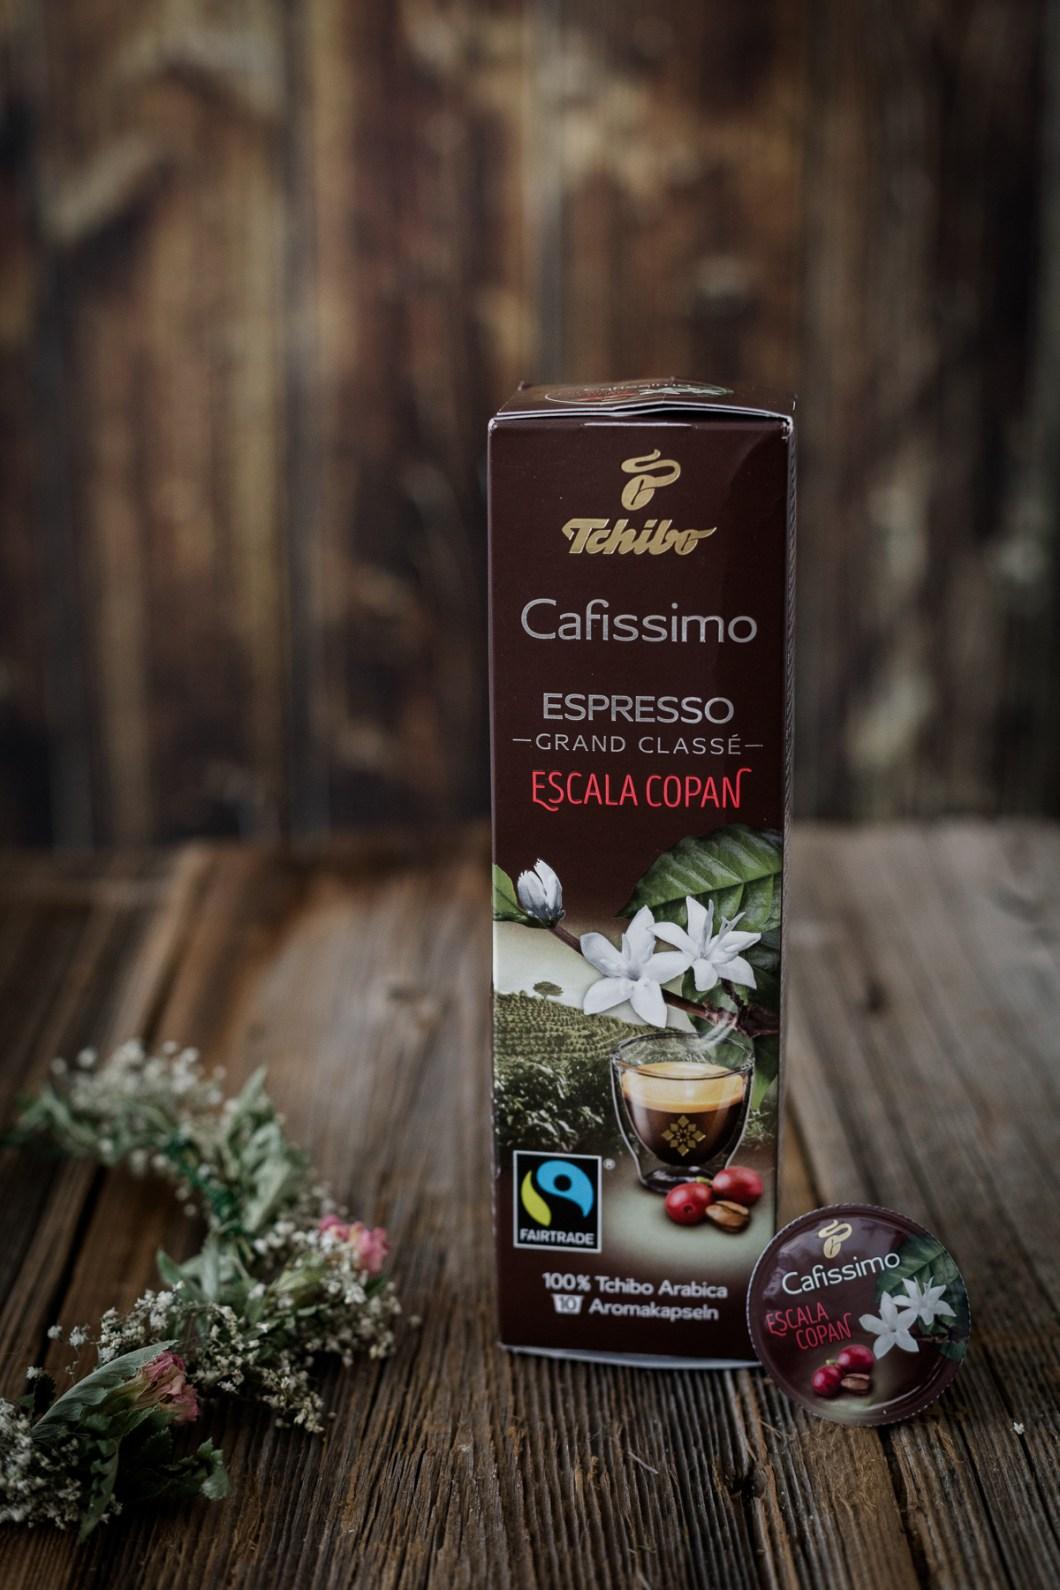 Foodfotografie von nordbrise.net Foodblog & Foodfotografie   Kaffeezeit mit einer Tasse Tchibo Cafissimo Grand Classé Espresso Escala Copan   Coffeetime